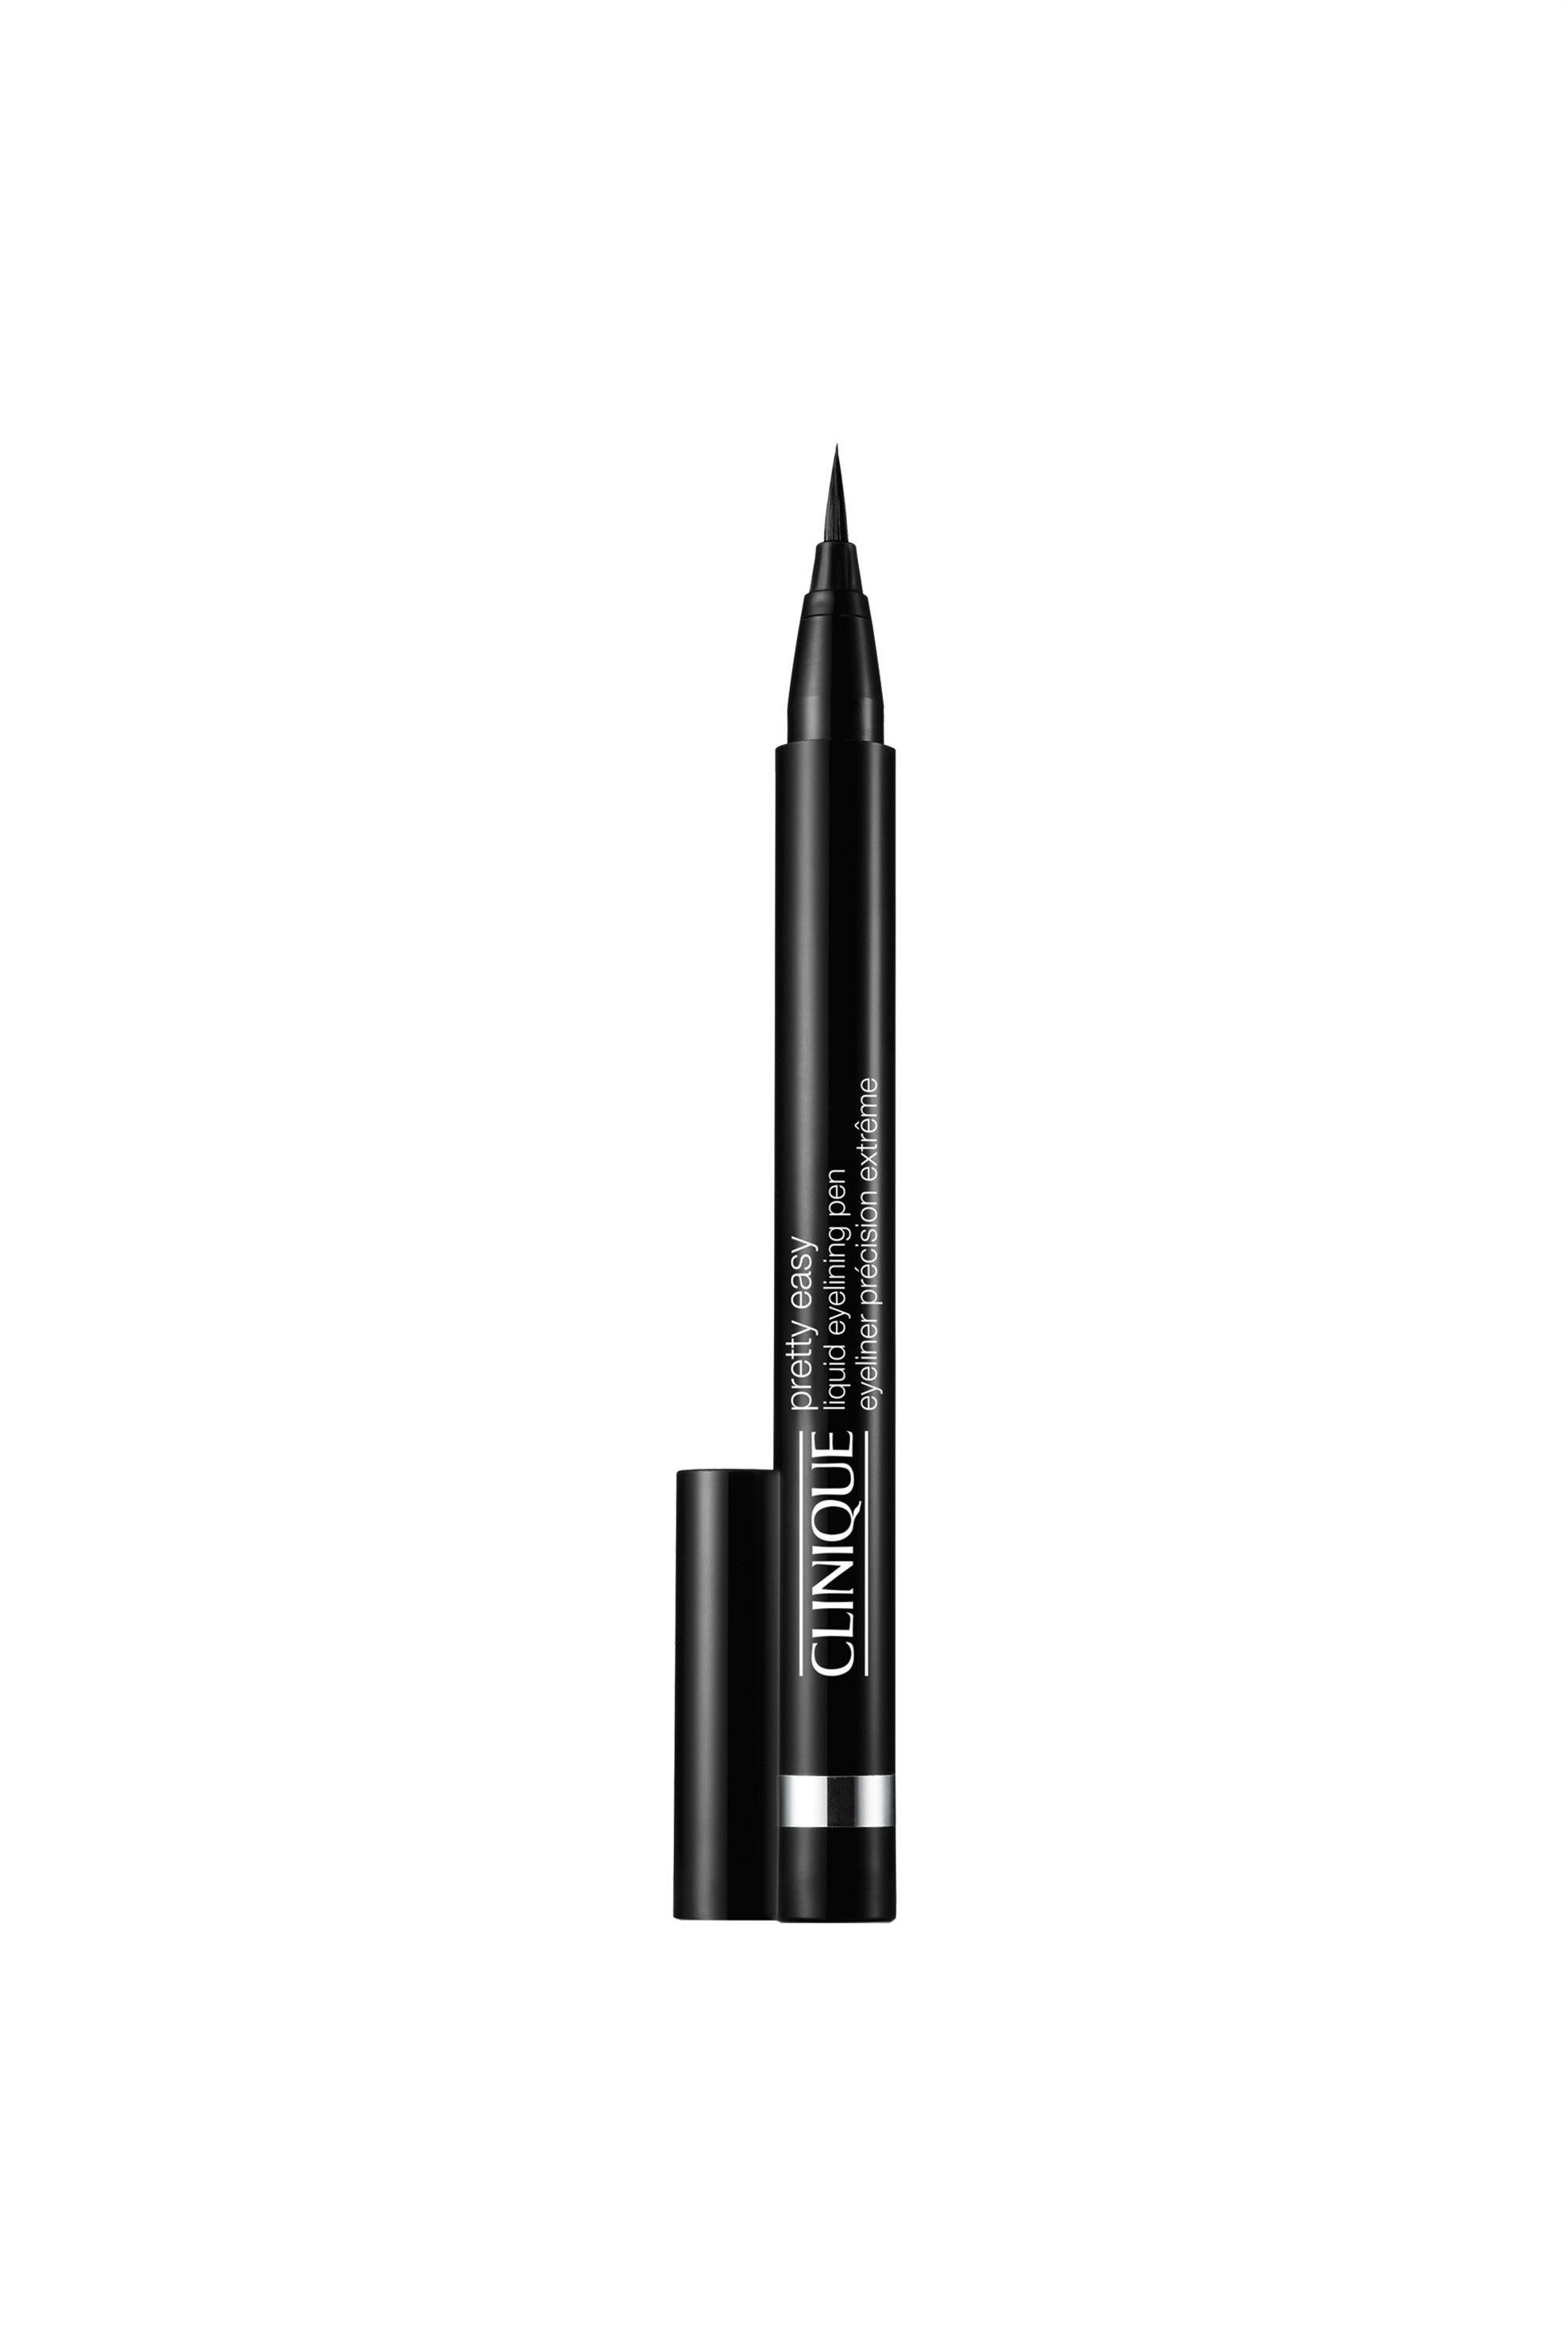 Clinique Pretty Easy™ Liquid Eyelining Pen Black 0.7 gr. - ZGC001A000 ομορφια   καλλυντικα επιλεκτικησ   μακιγιάζ   μάτια   eyeliners